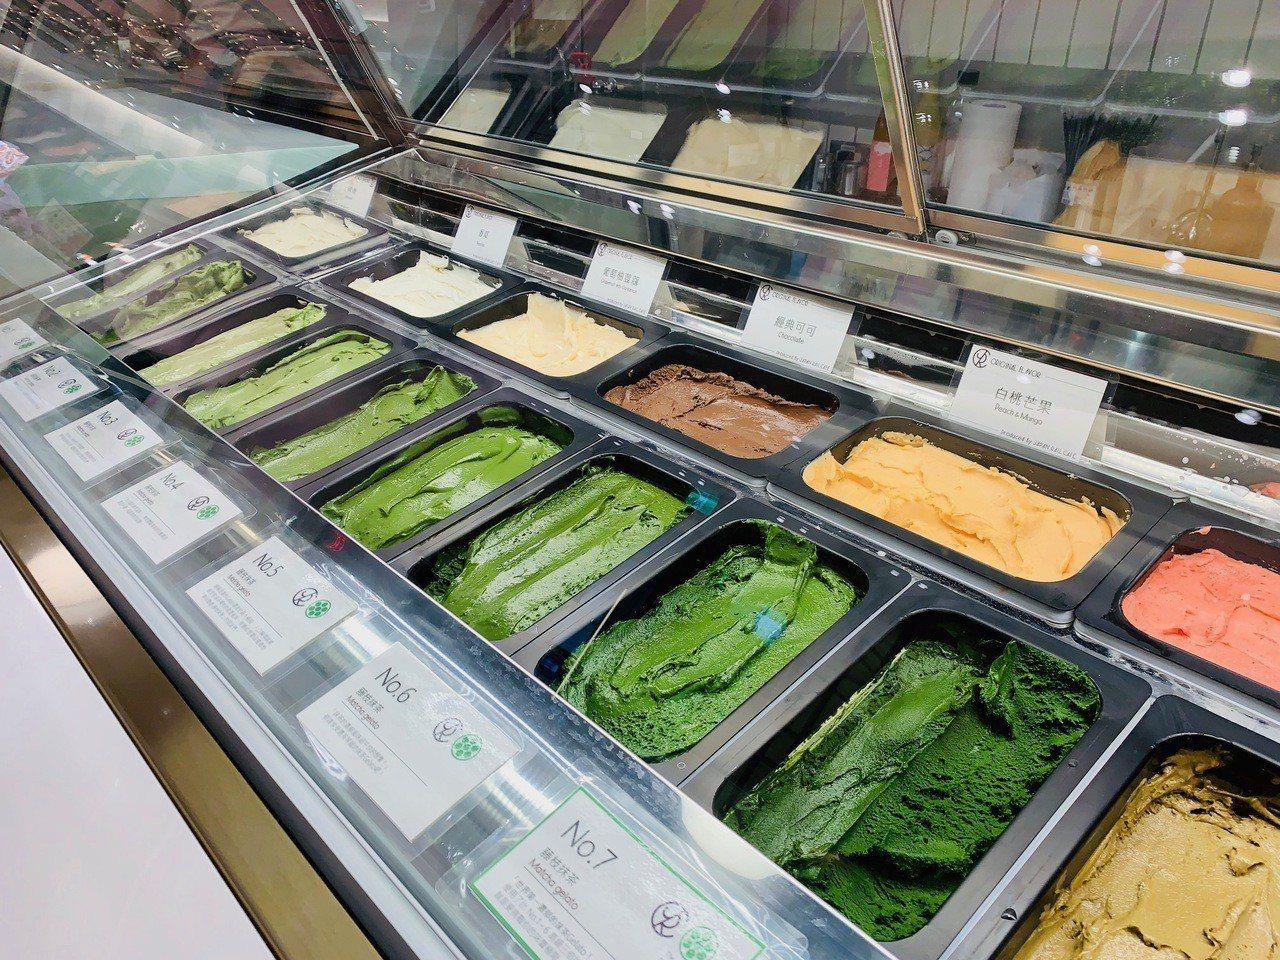 JAPAN RAIL CAFE提供七種不同濃淡風味的抹茶冰。記者張芳瑜/攝影